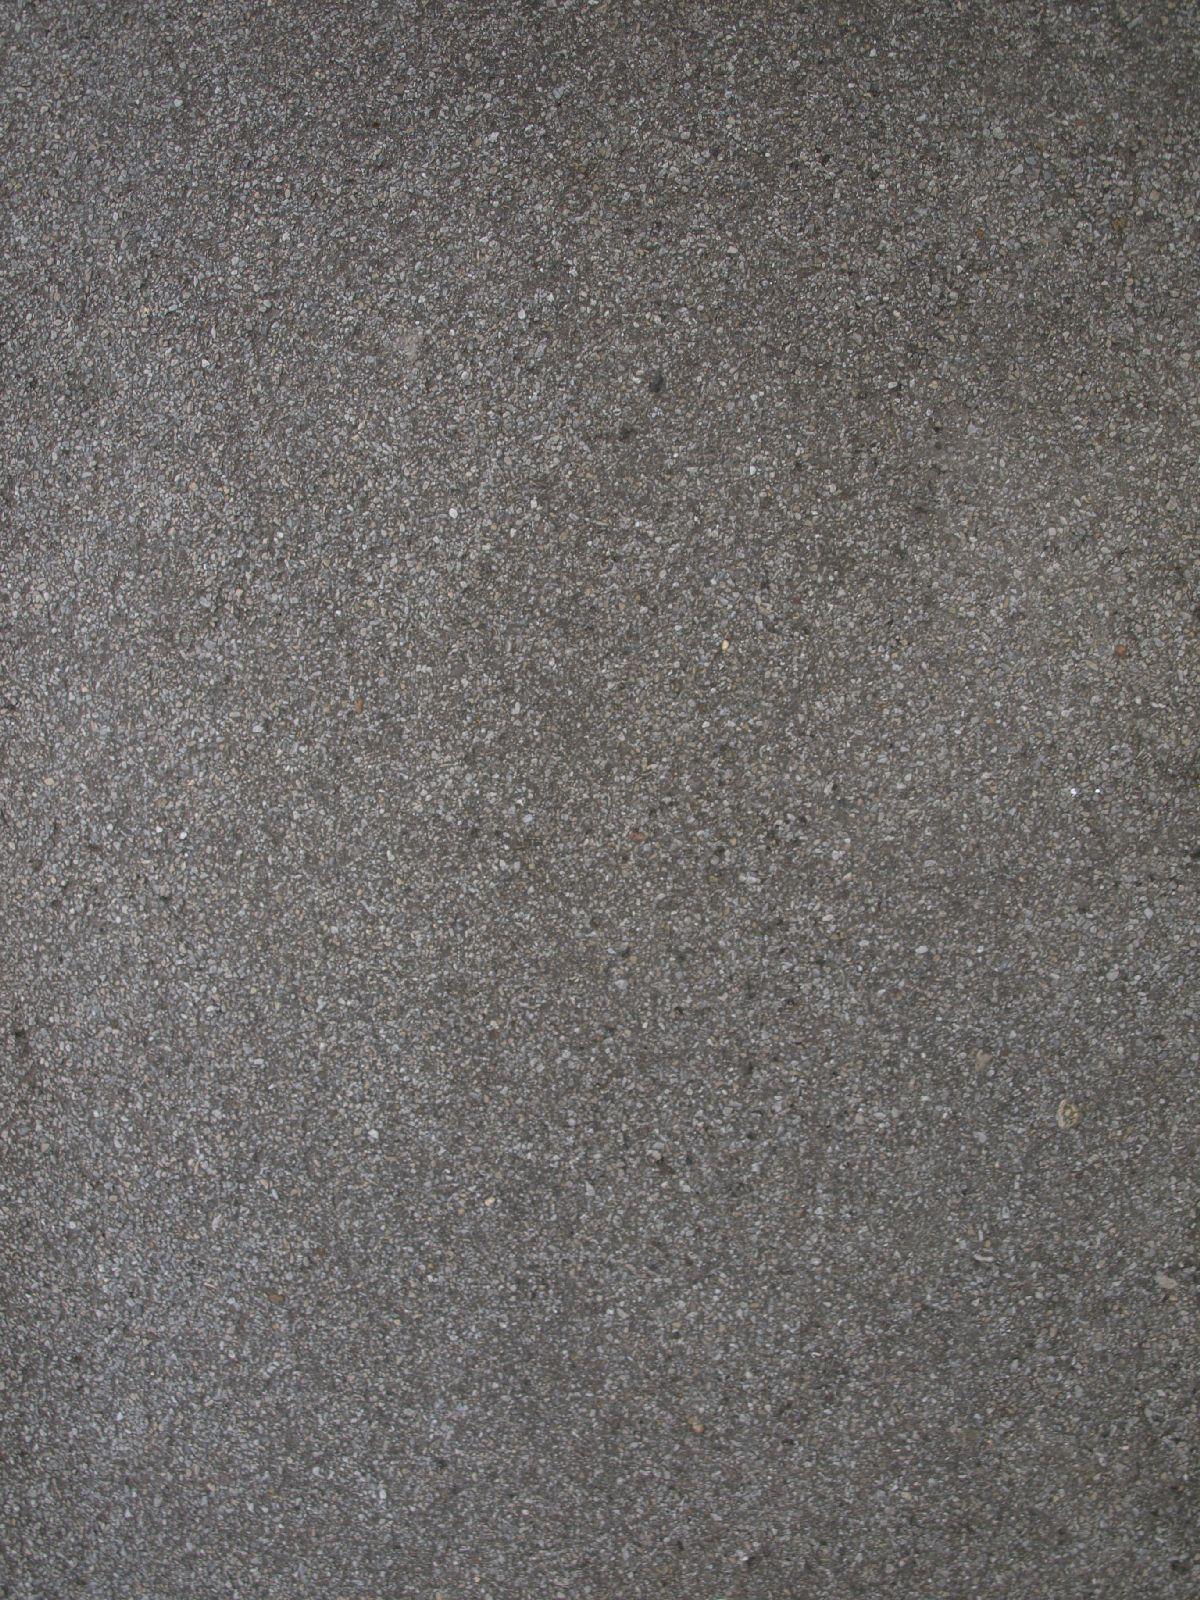 Boden-Erde-Steine_Textur_A_P4120978